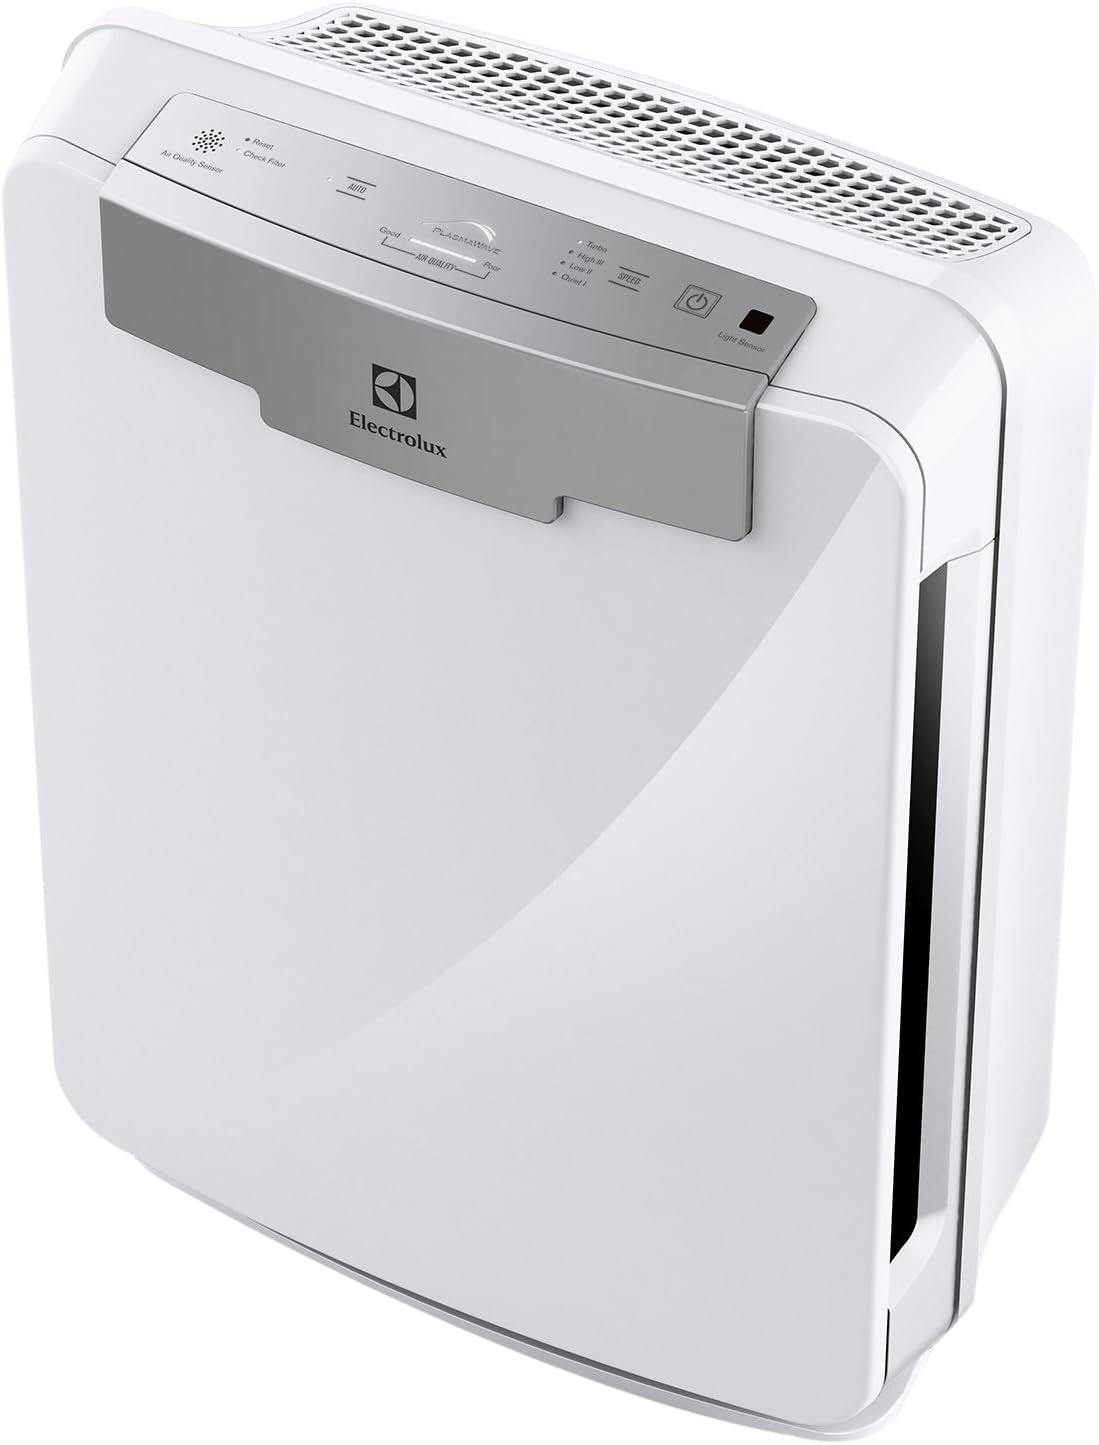 Electrolux elap30dpw pureoxygen alérgeno 300: Amazon.es: Hogar